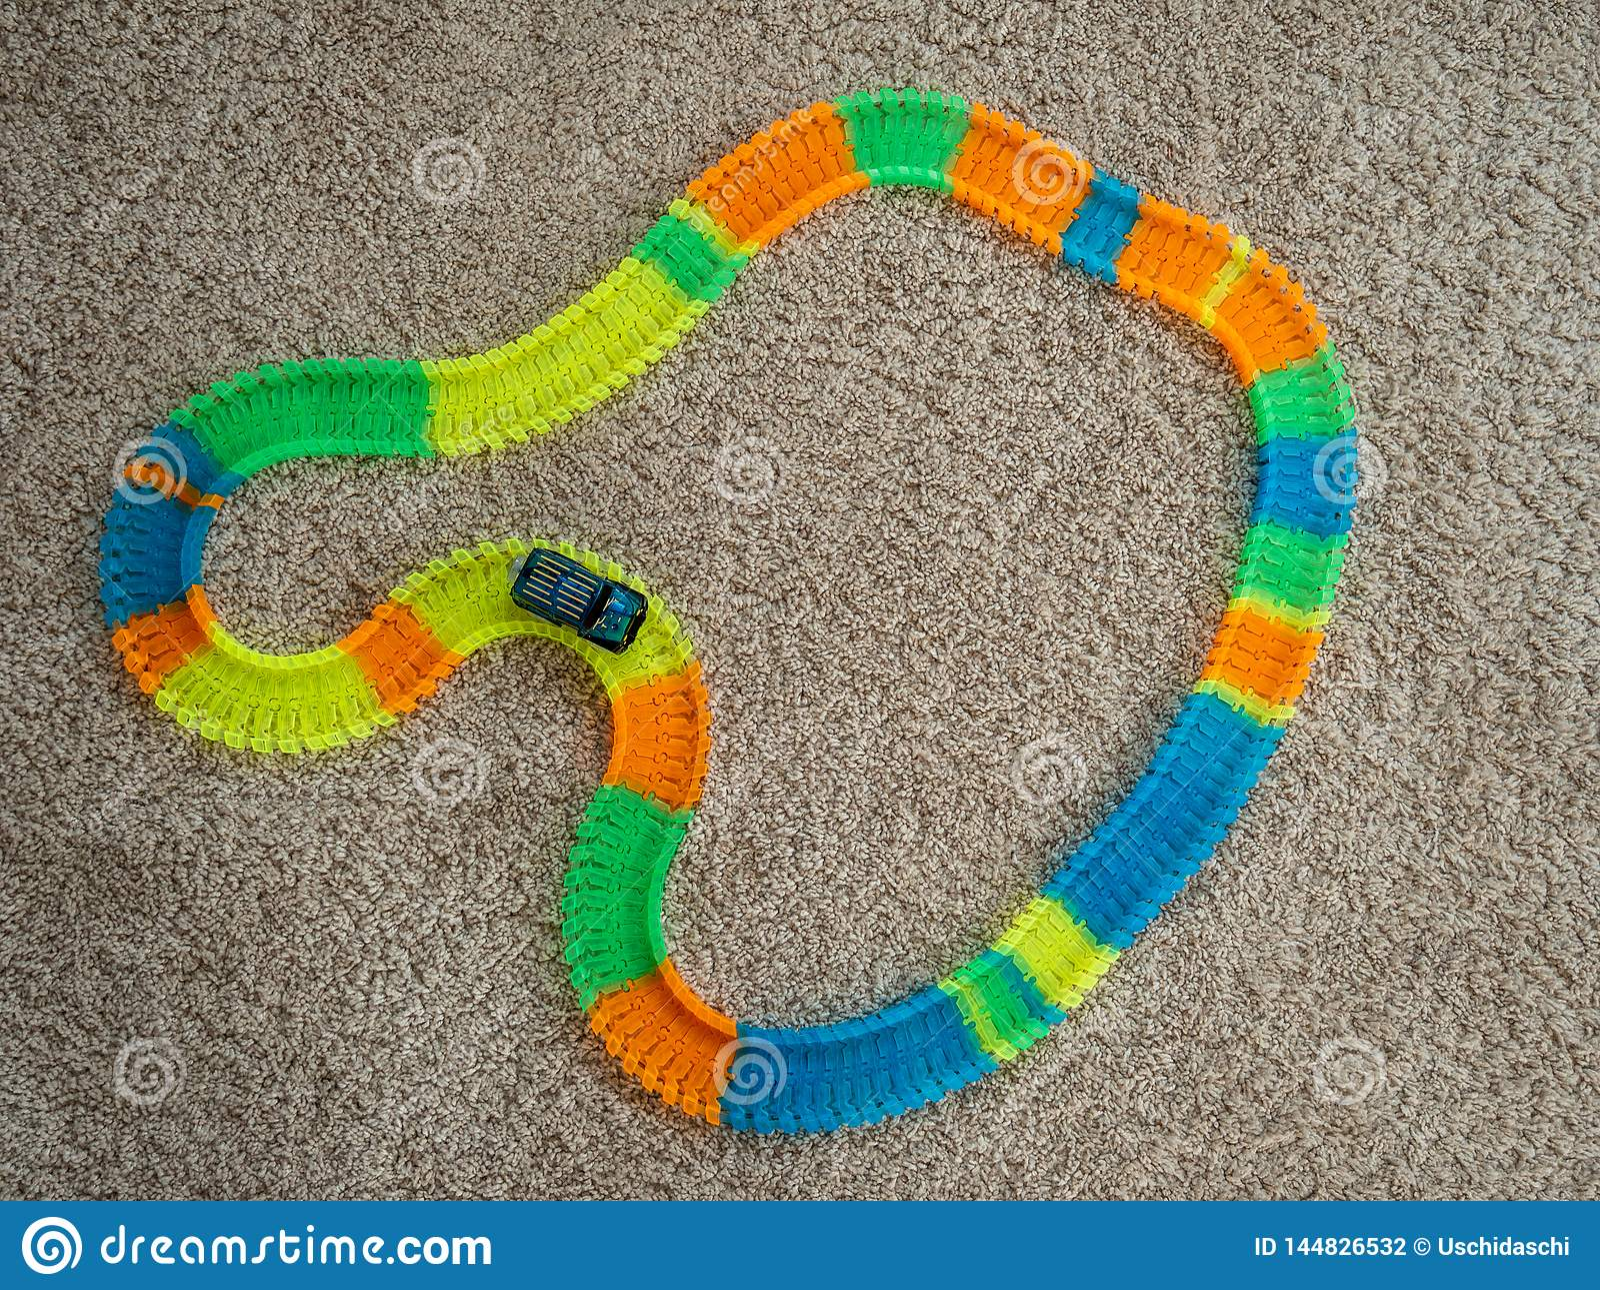 Изображение следа автомобиля игрушки с автомобилем и красочных элементов следа на ковре